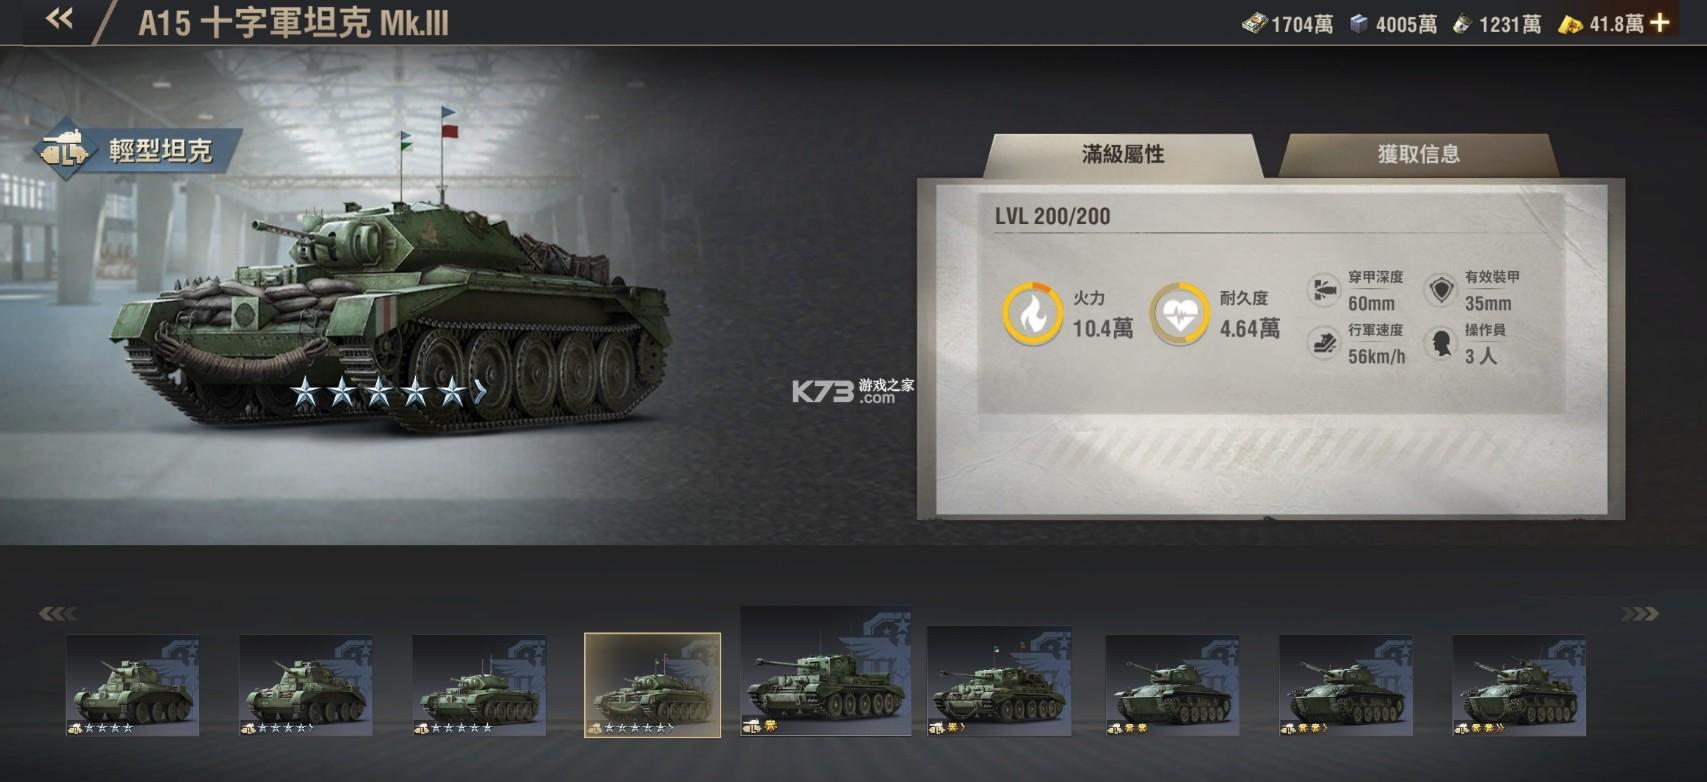 战火勋章 v3.00.35 台服版 截图